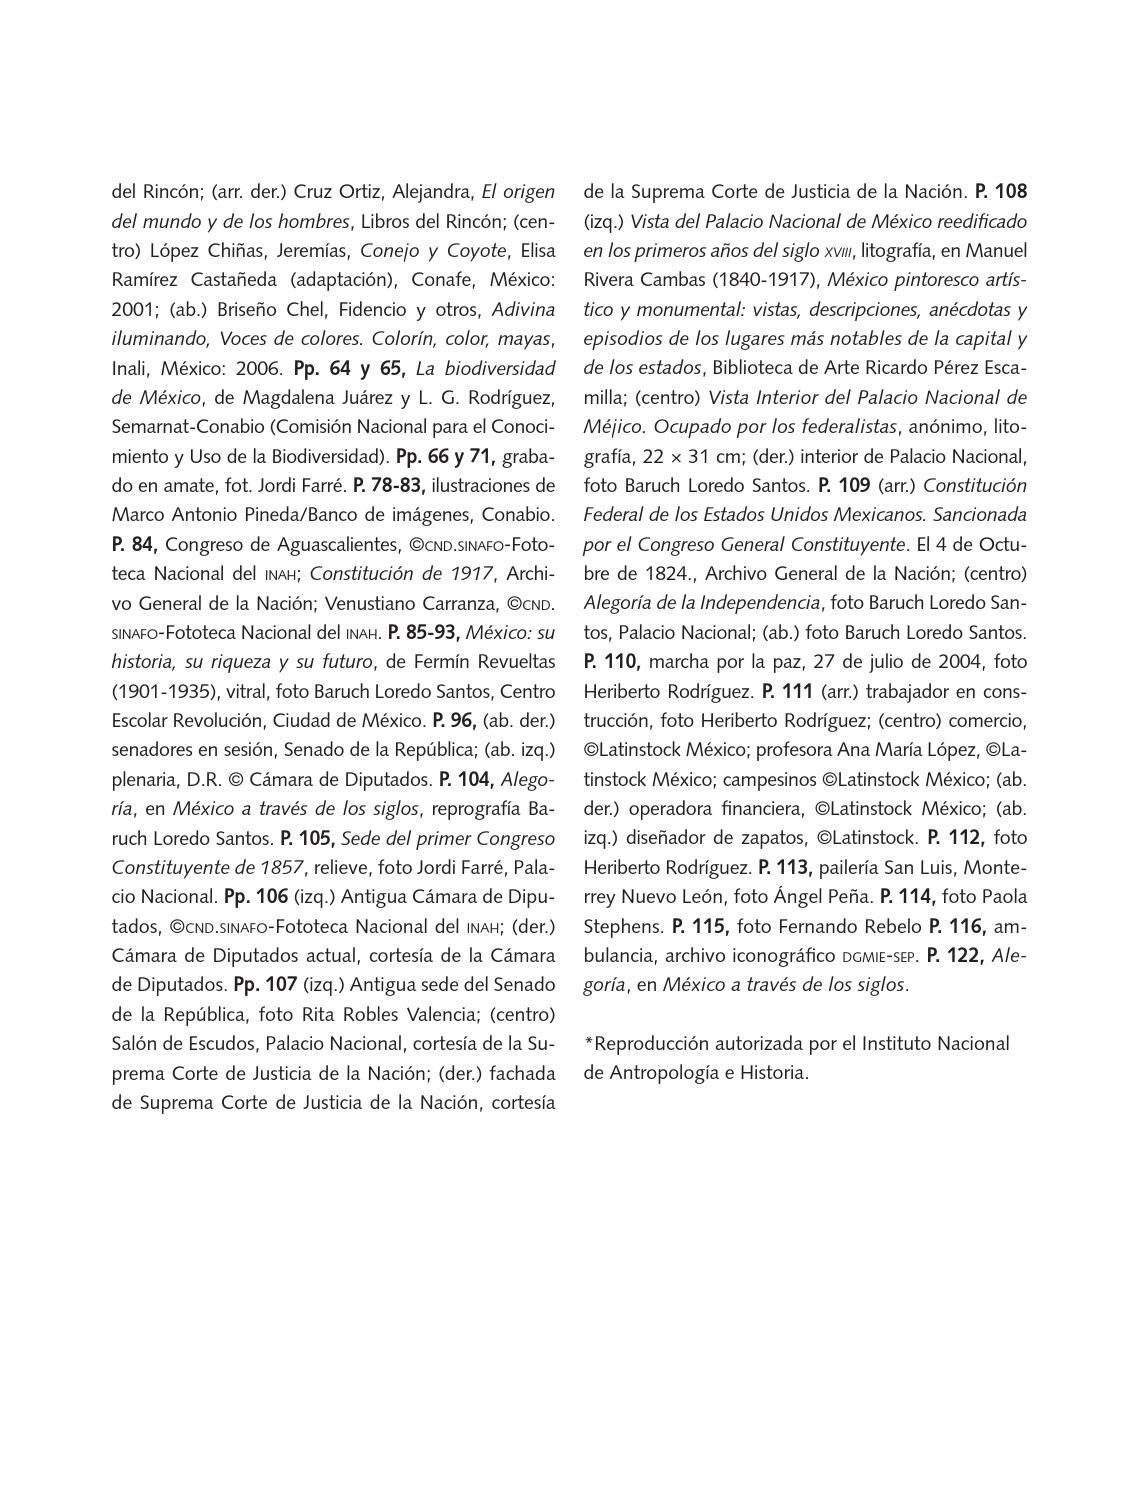 Créditos iconográficos  - Formación Cívica y Ética 4to Bloque 5 2014-2015